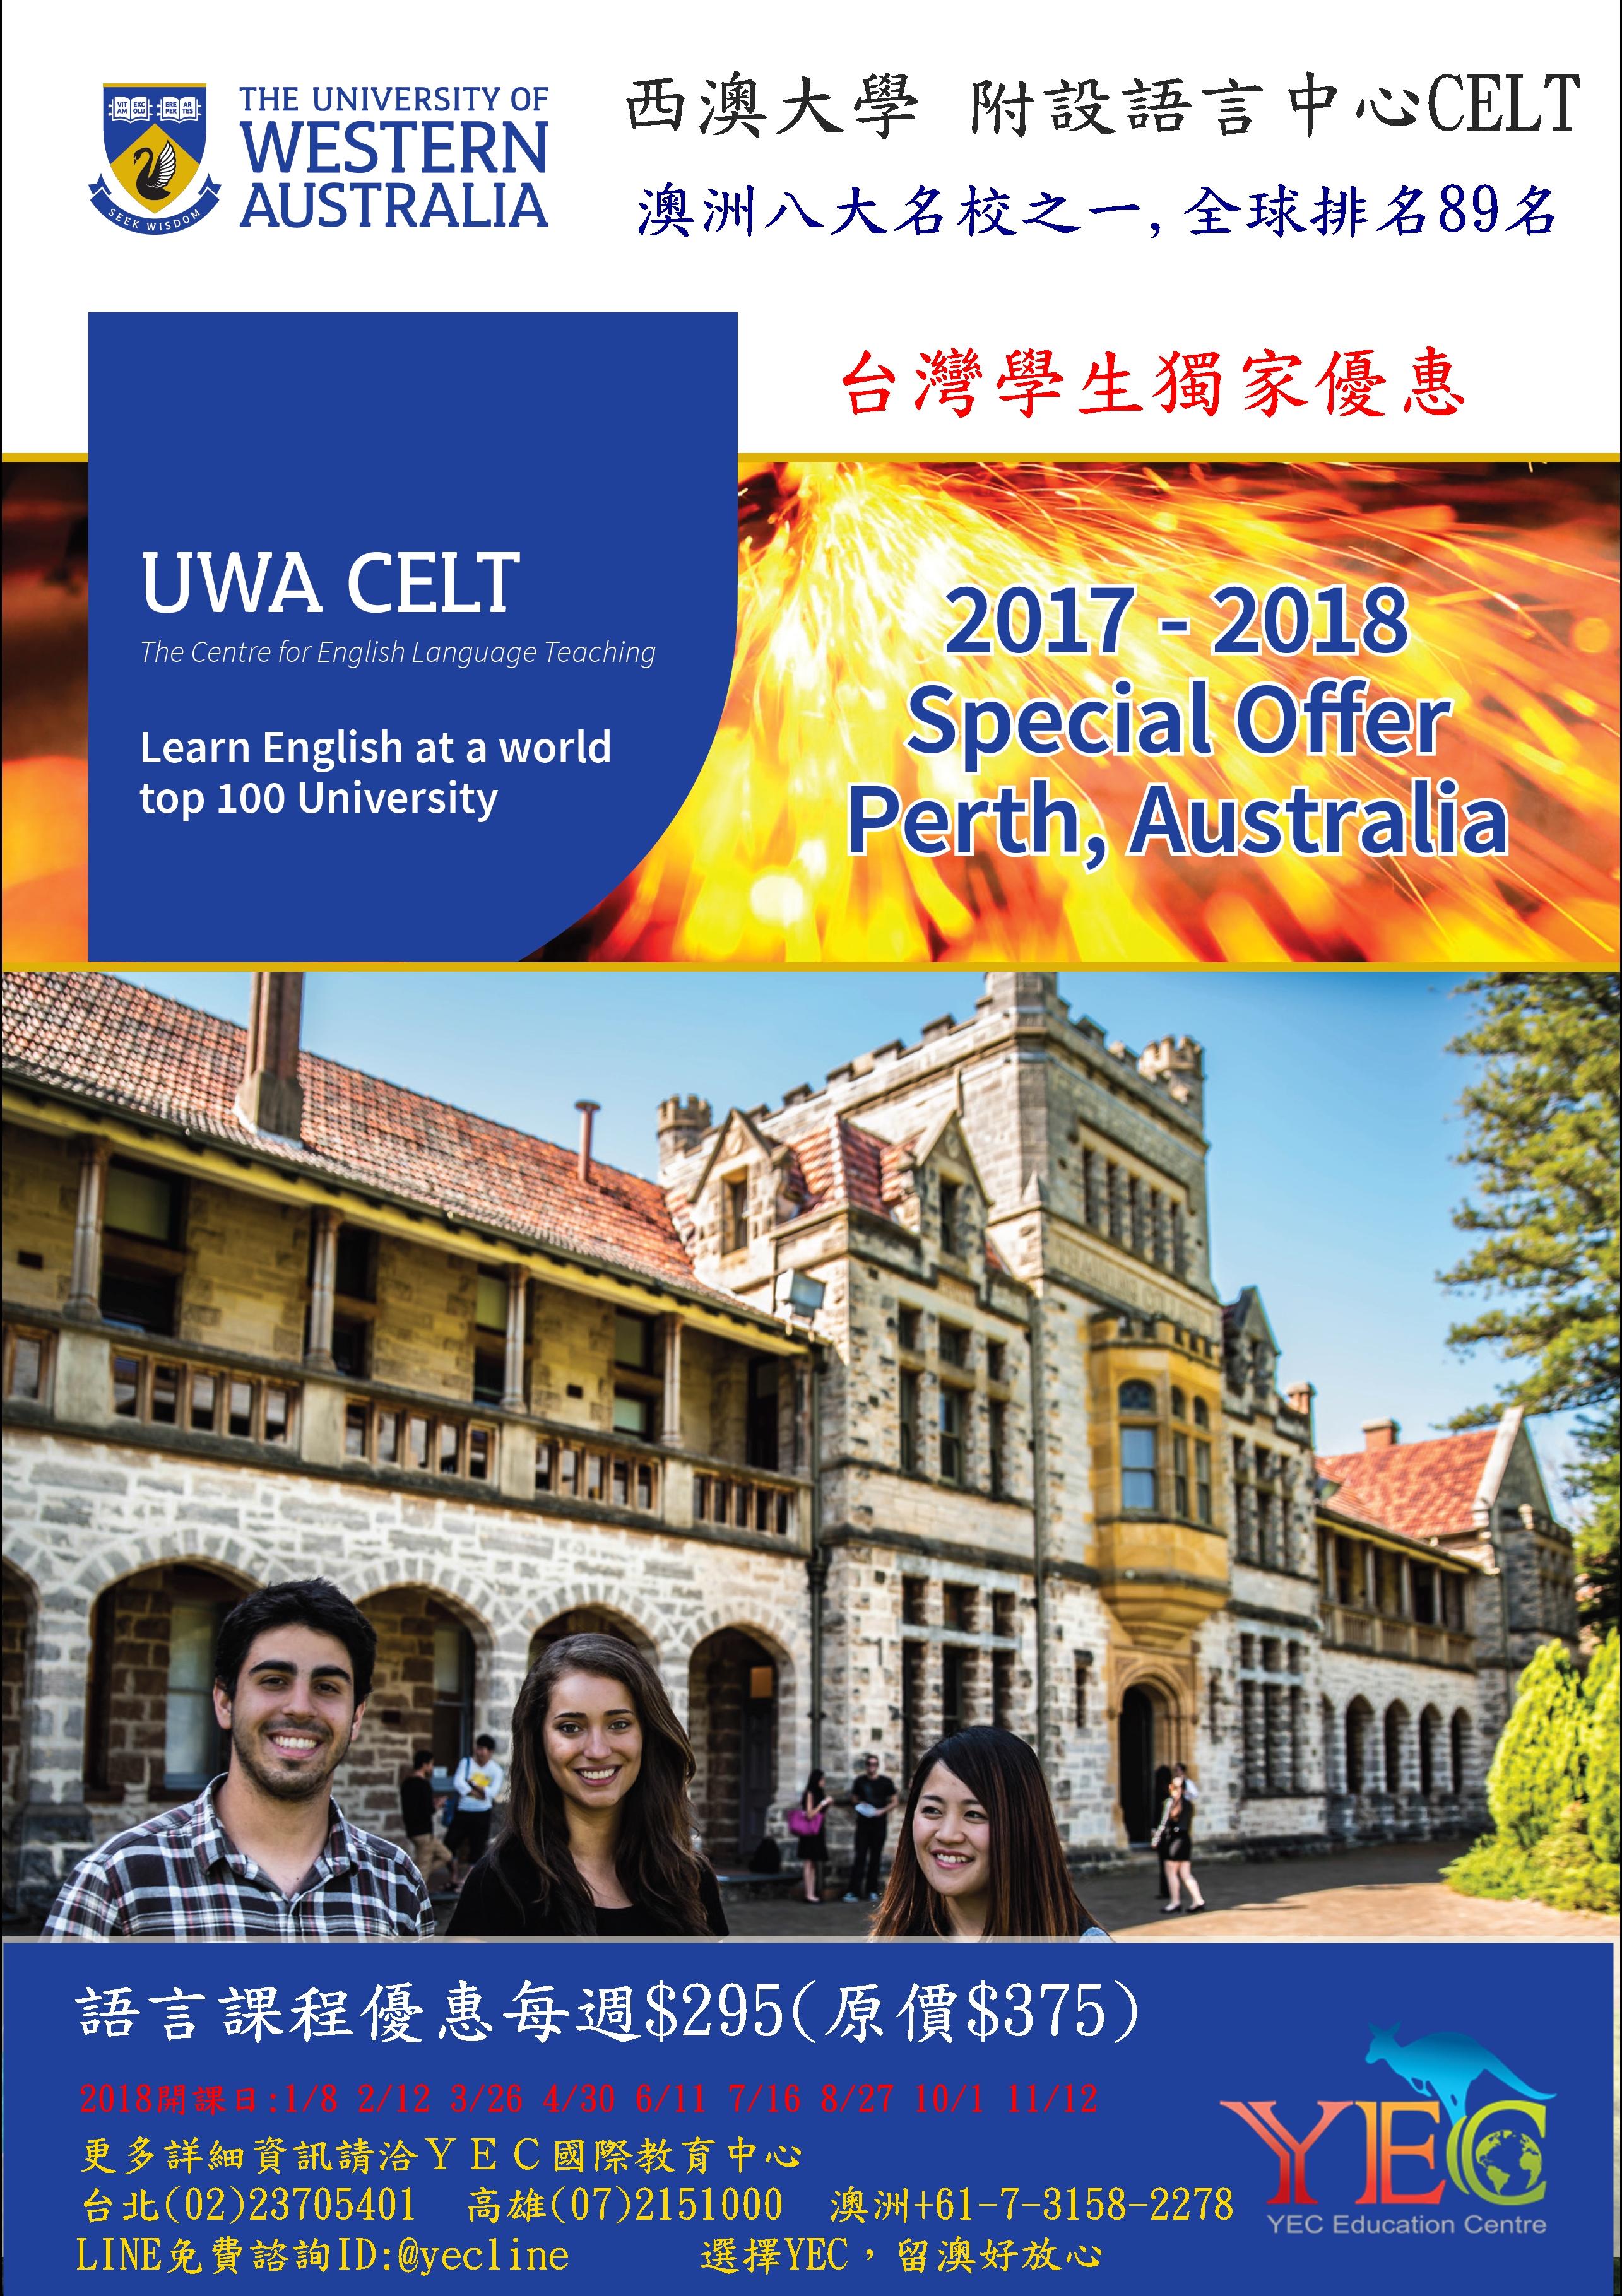 【伯斯】UWA CELT 西澳大學 2018 最新優惠